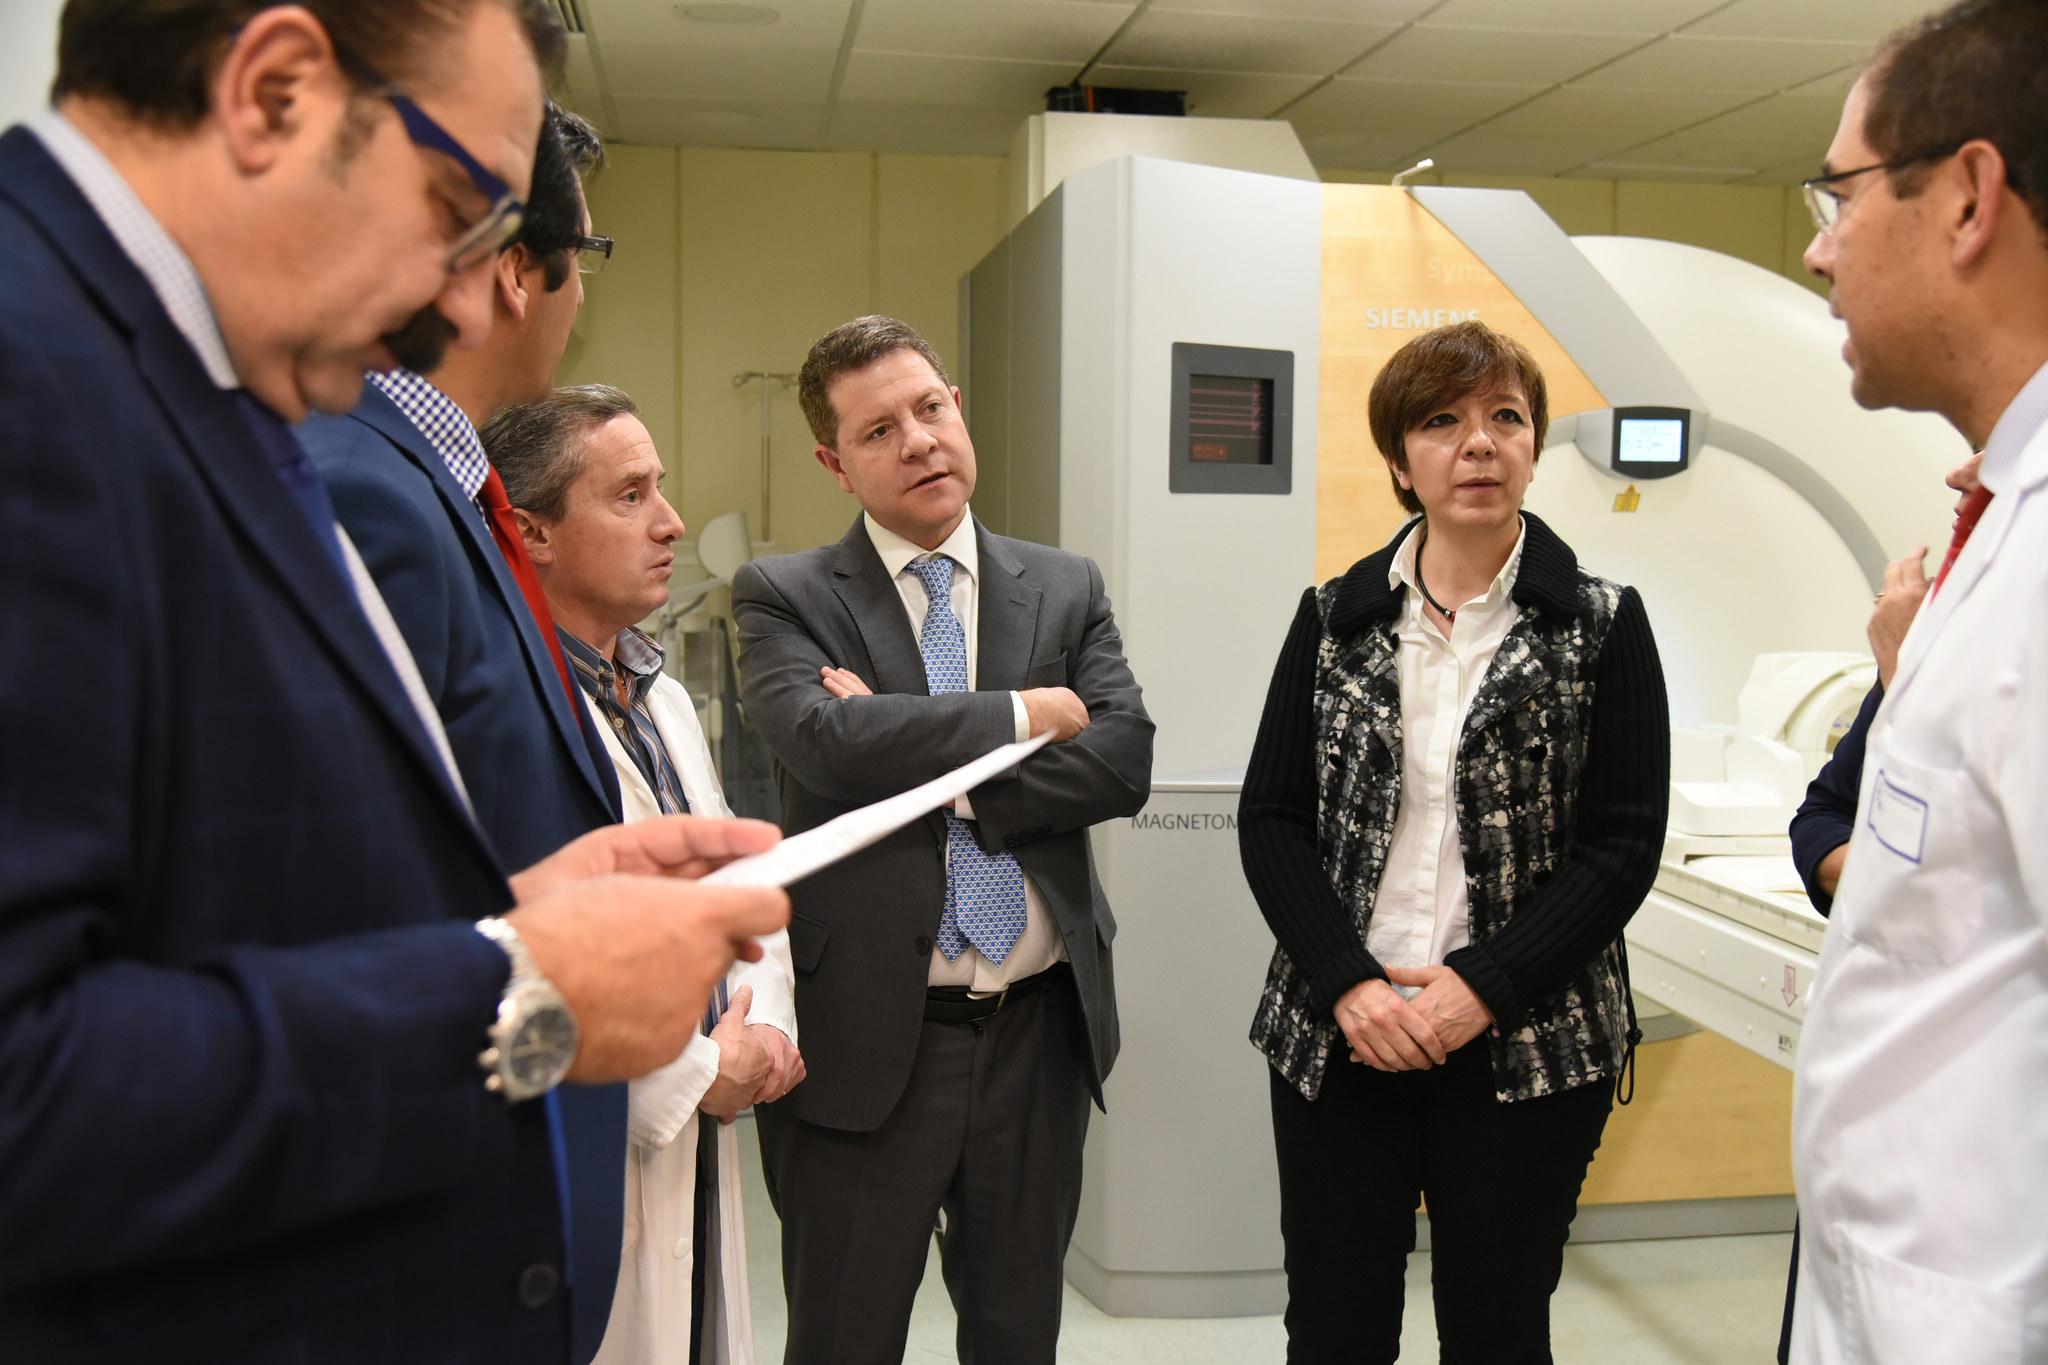 El incremento de sesiones y de horas de funcionamiento de la nueva resonancia magnética del Hospital de Alcázar permitirá realizar unas 5.500 pruebas más al año